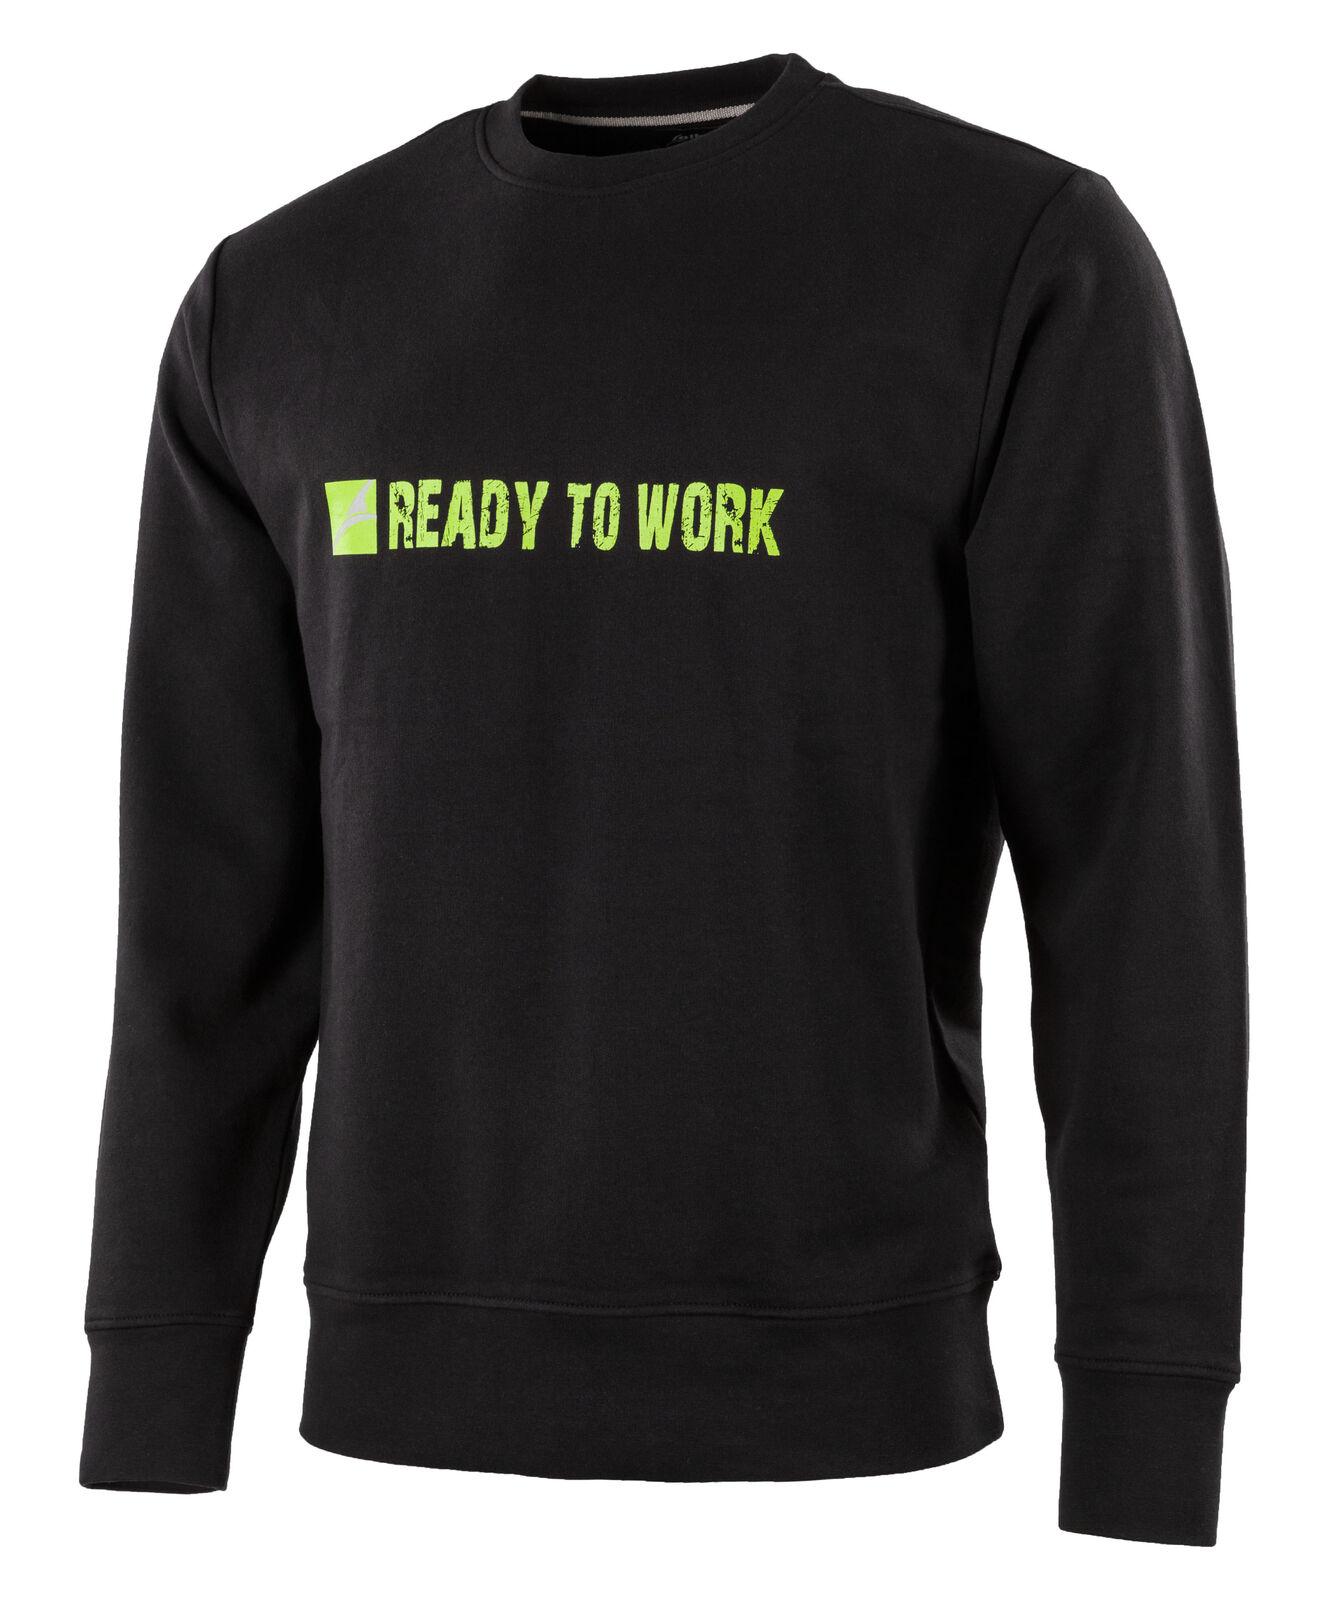 Sweatshirt MISSION - hochwertige Jersey-Qualität, formstabil